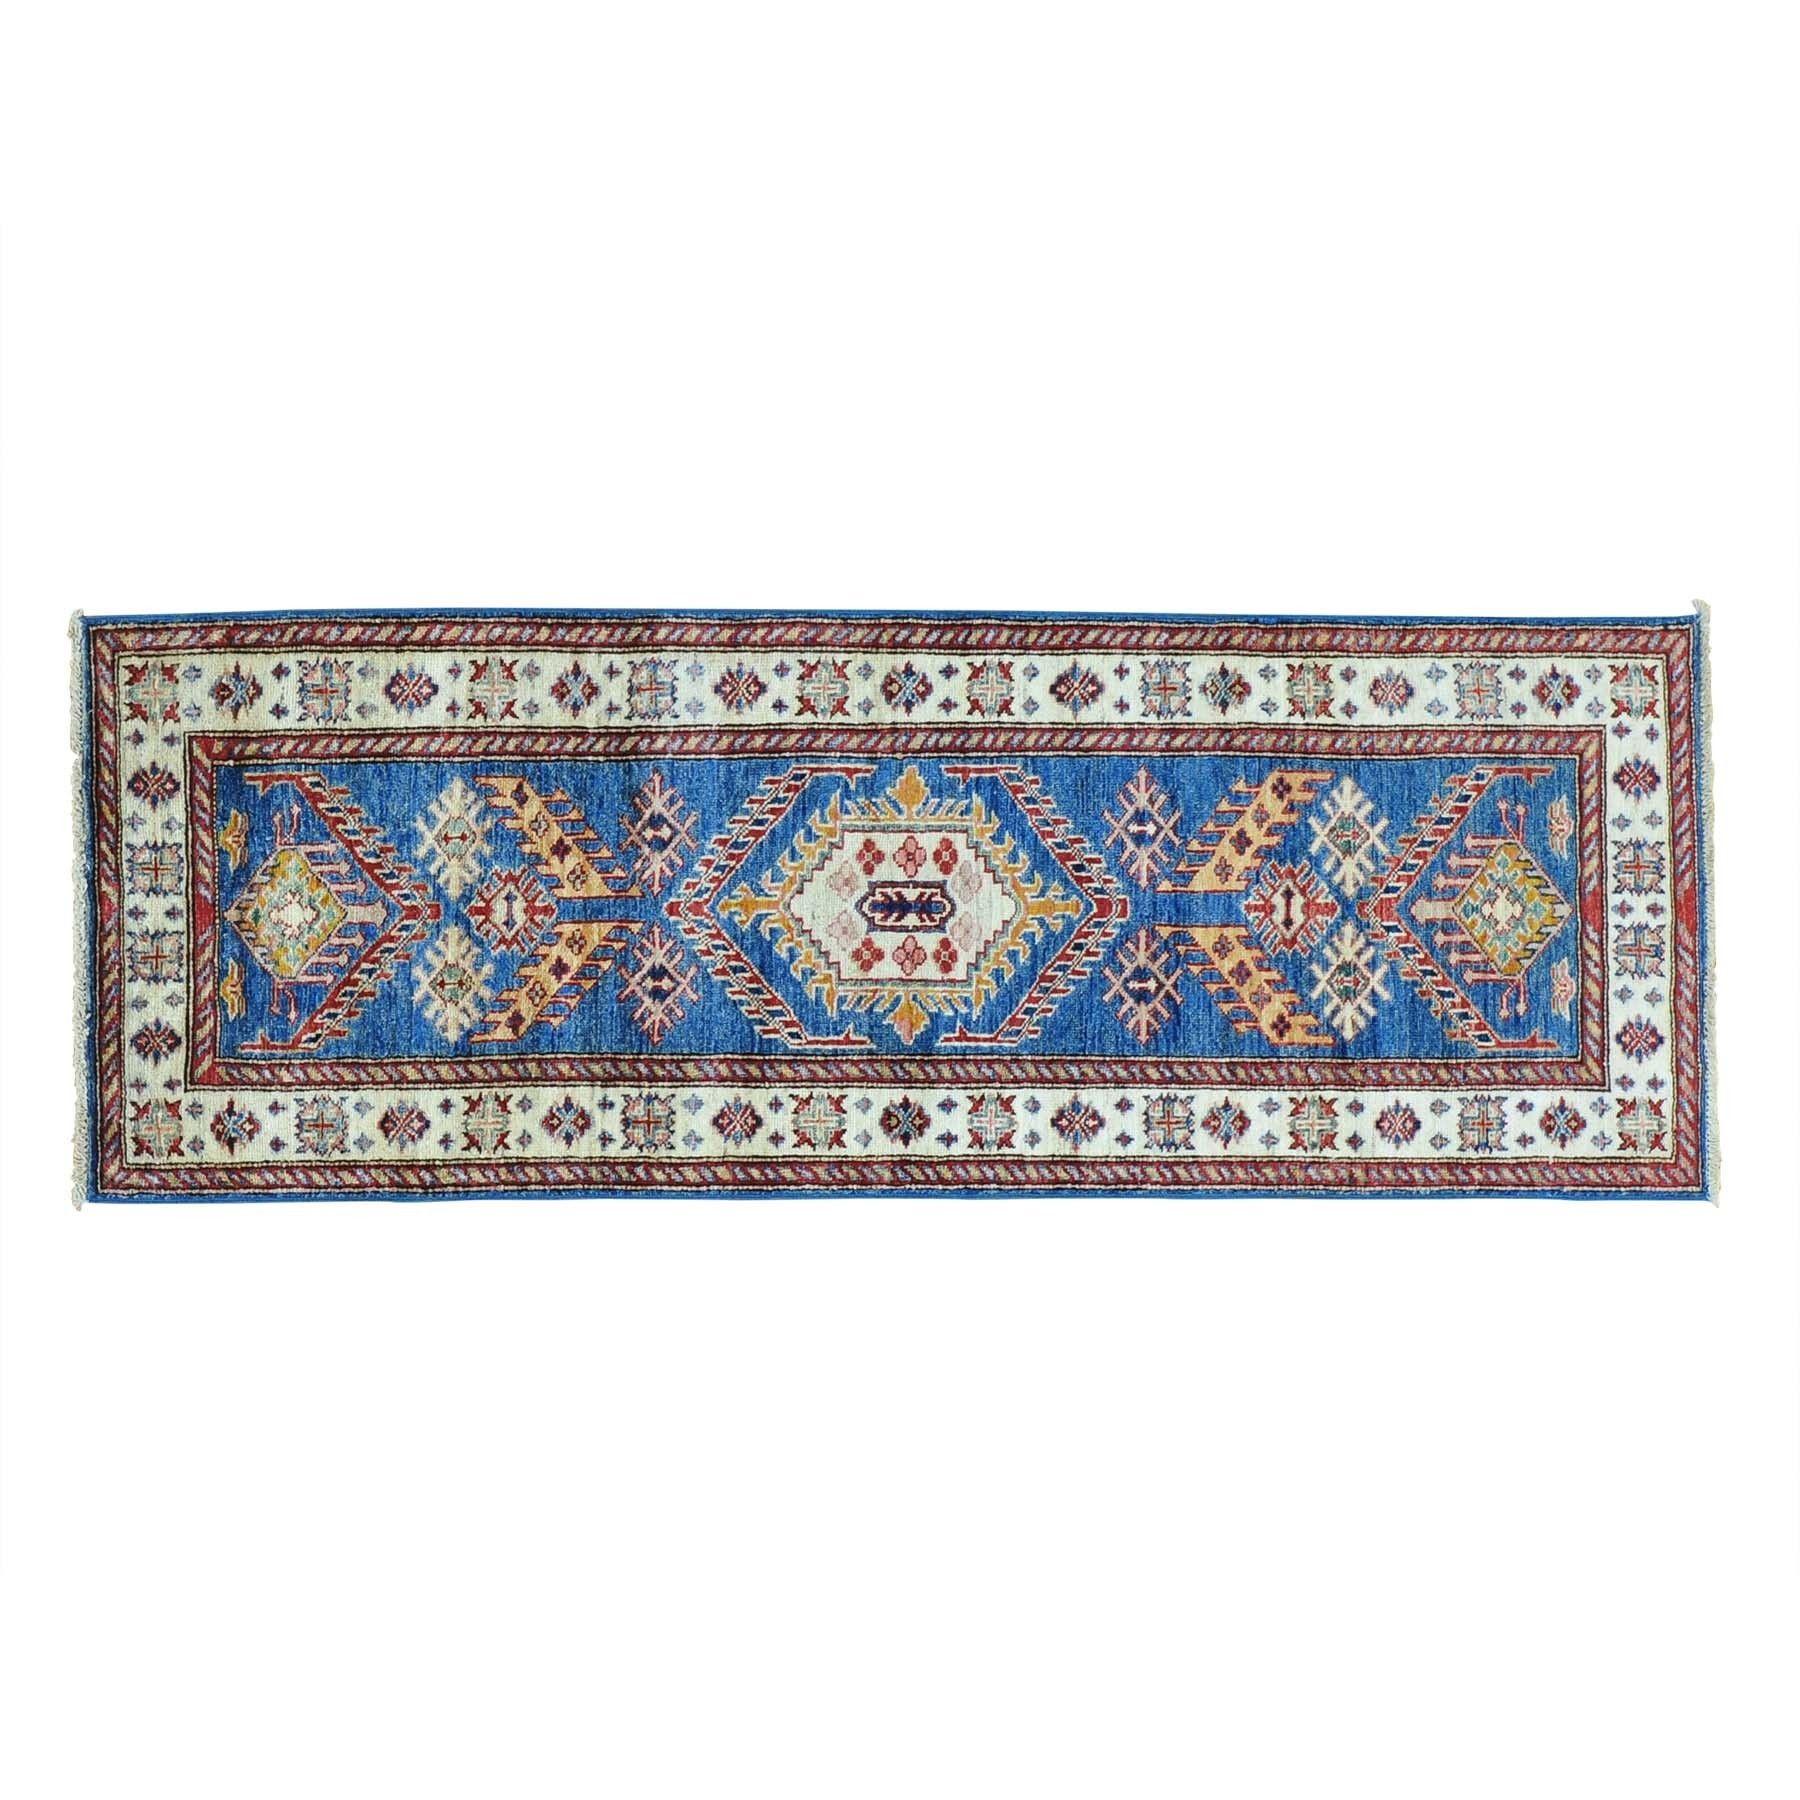 Tribal Design Super Kazak Handmade Runner Rug